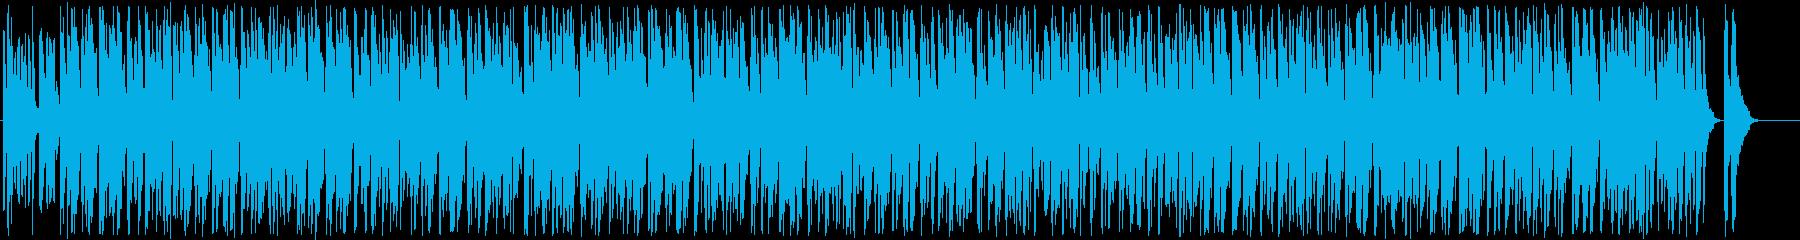 リズミカルで軽快な音楽の再生済みの波形